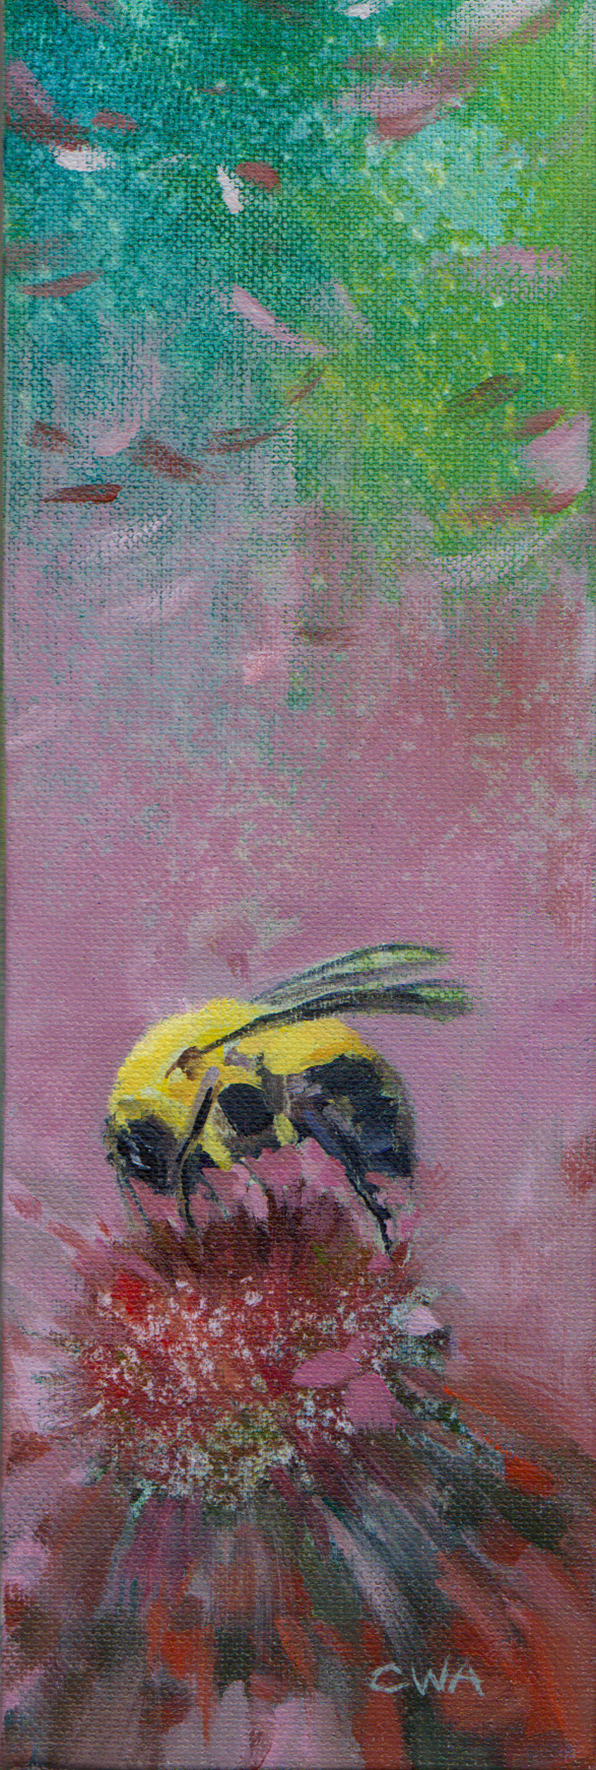 Bee on Flower long format